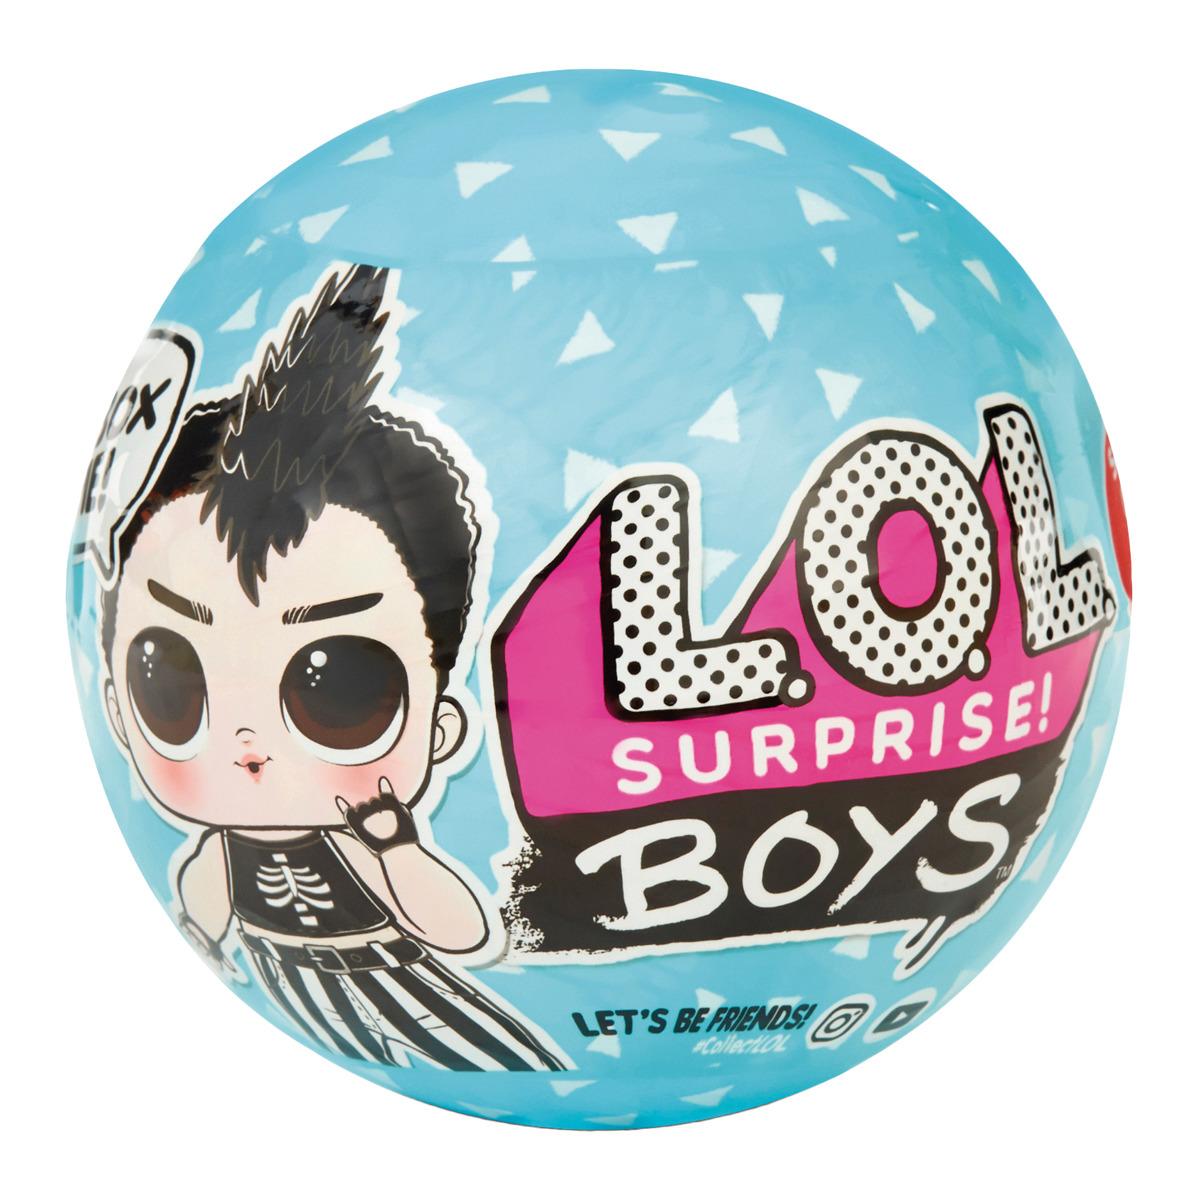 LOL SURPRISE BOYS LLU78000 - N61819